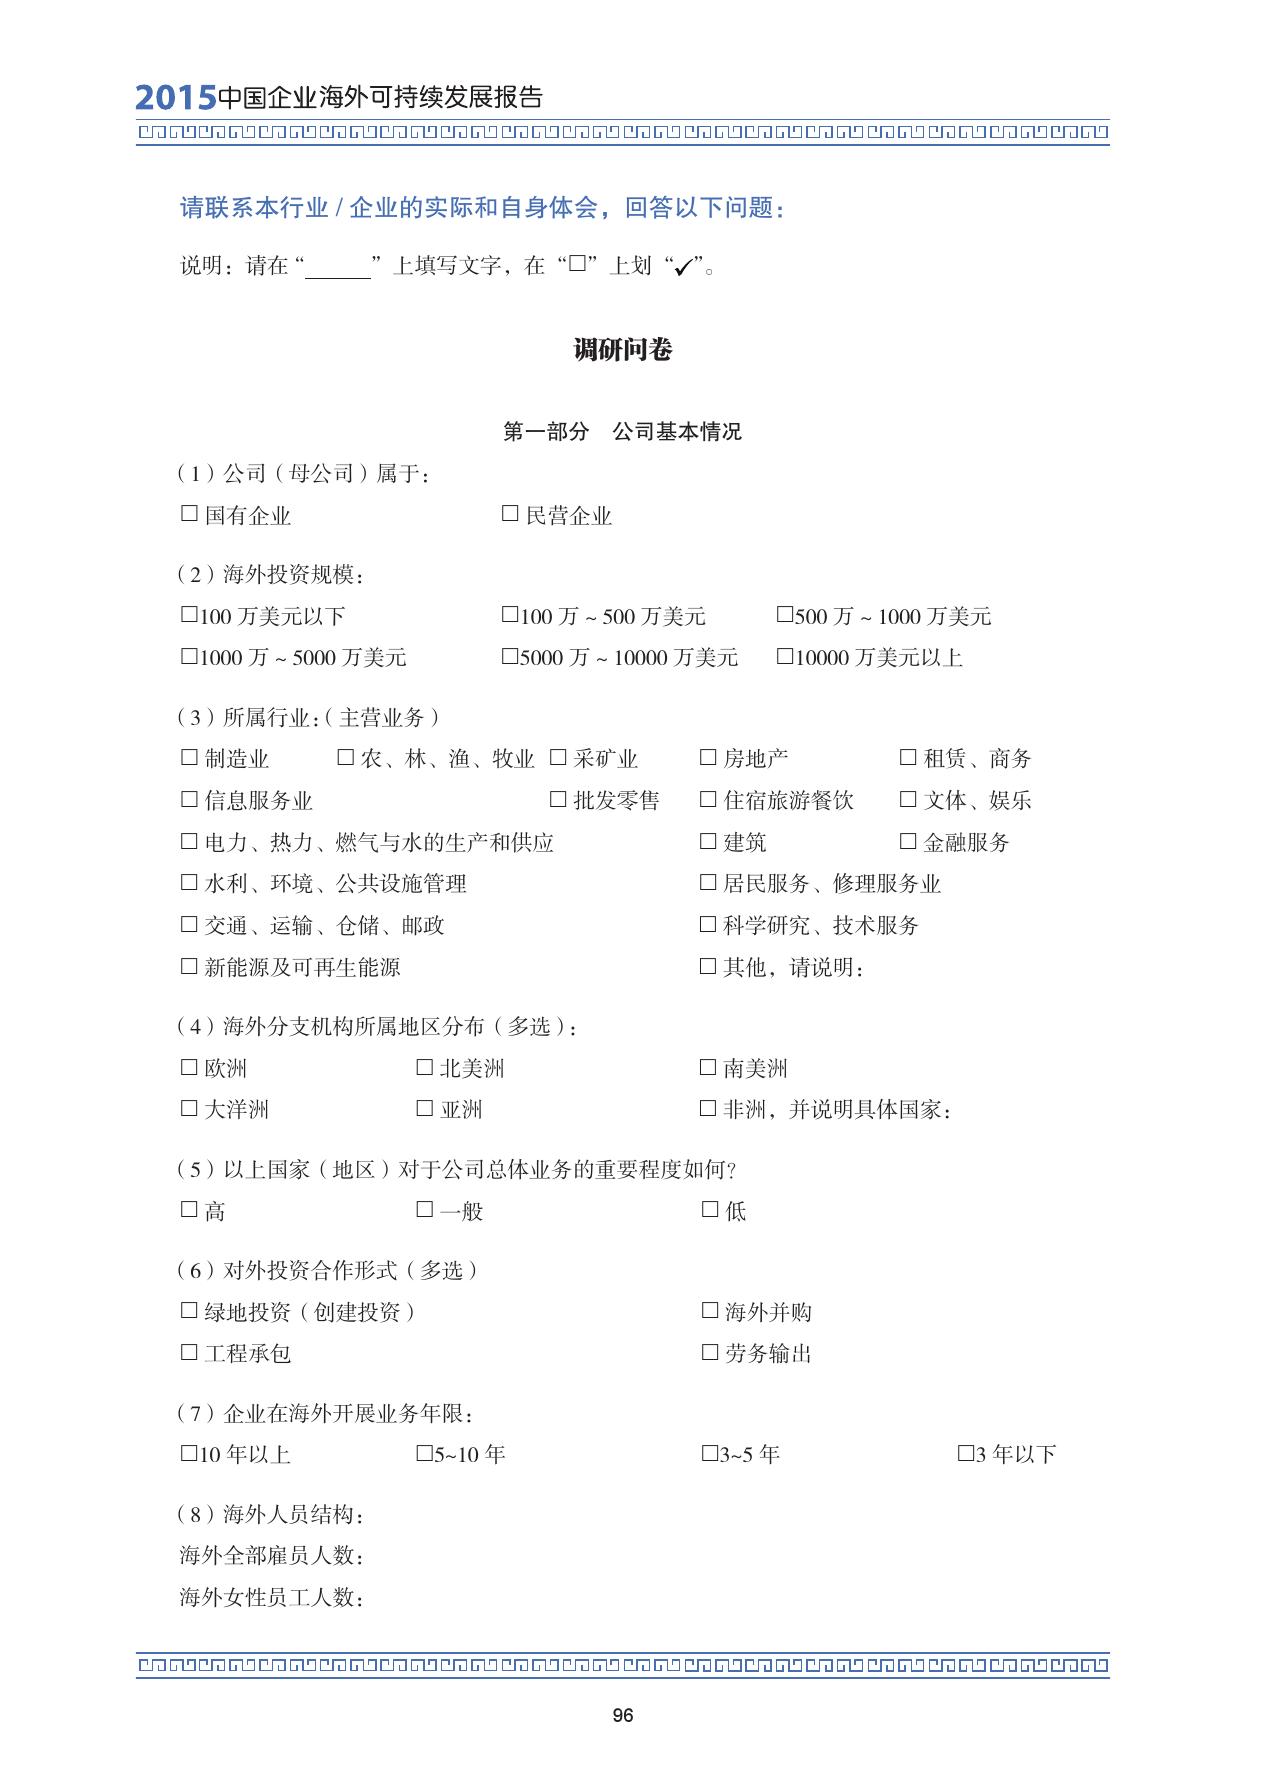 2015中国企业海外可持续发展报告_000110